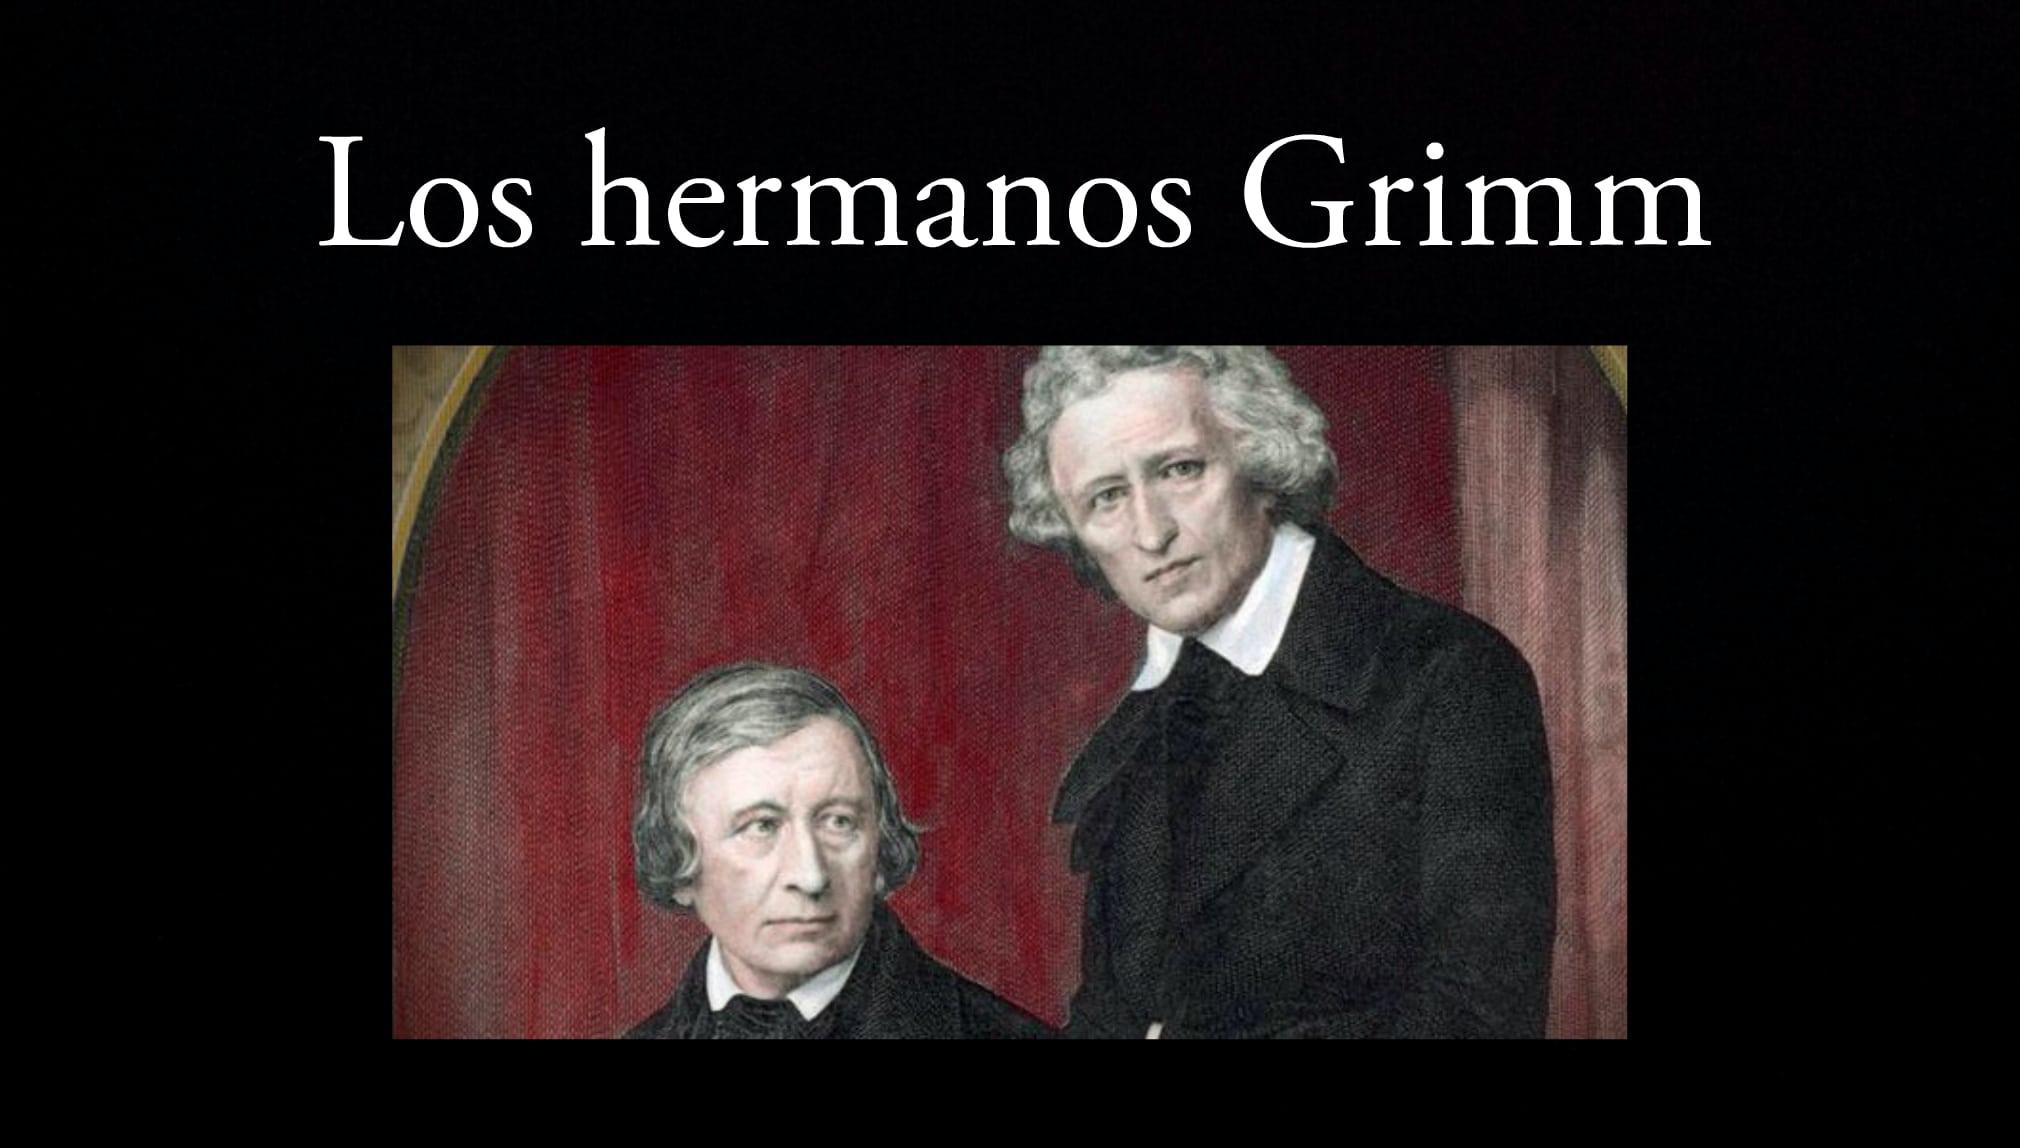 Los hermanos Grimm.